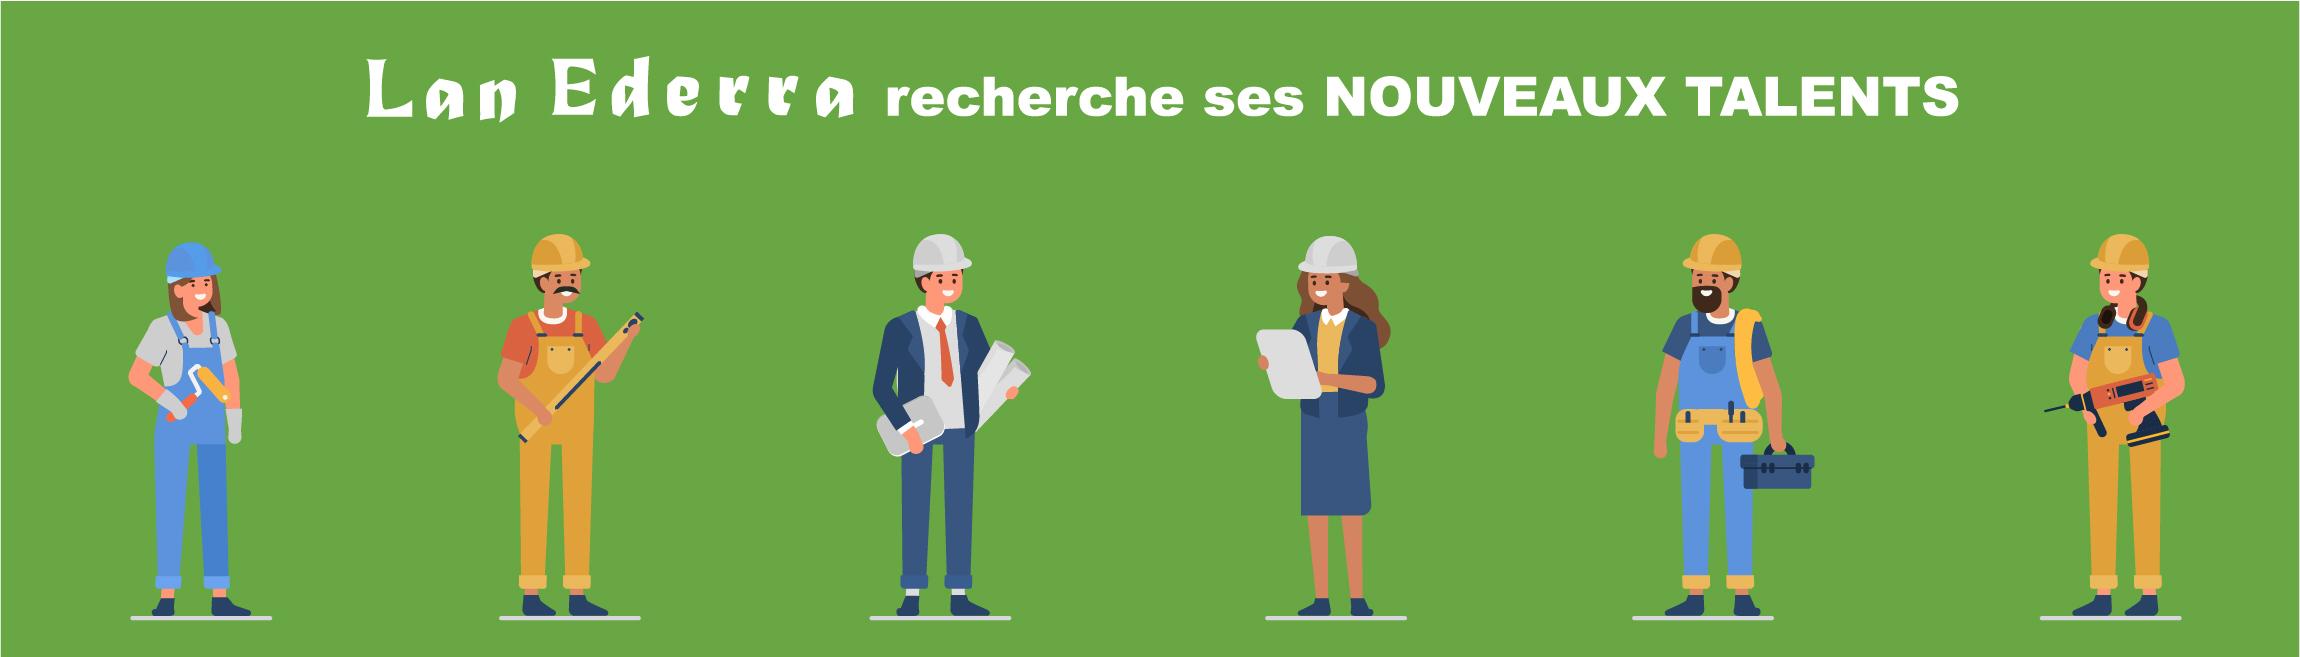 offre-emploi_candidature_lan-ederra_extension_ossature-bois_charpente_couvertue